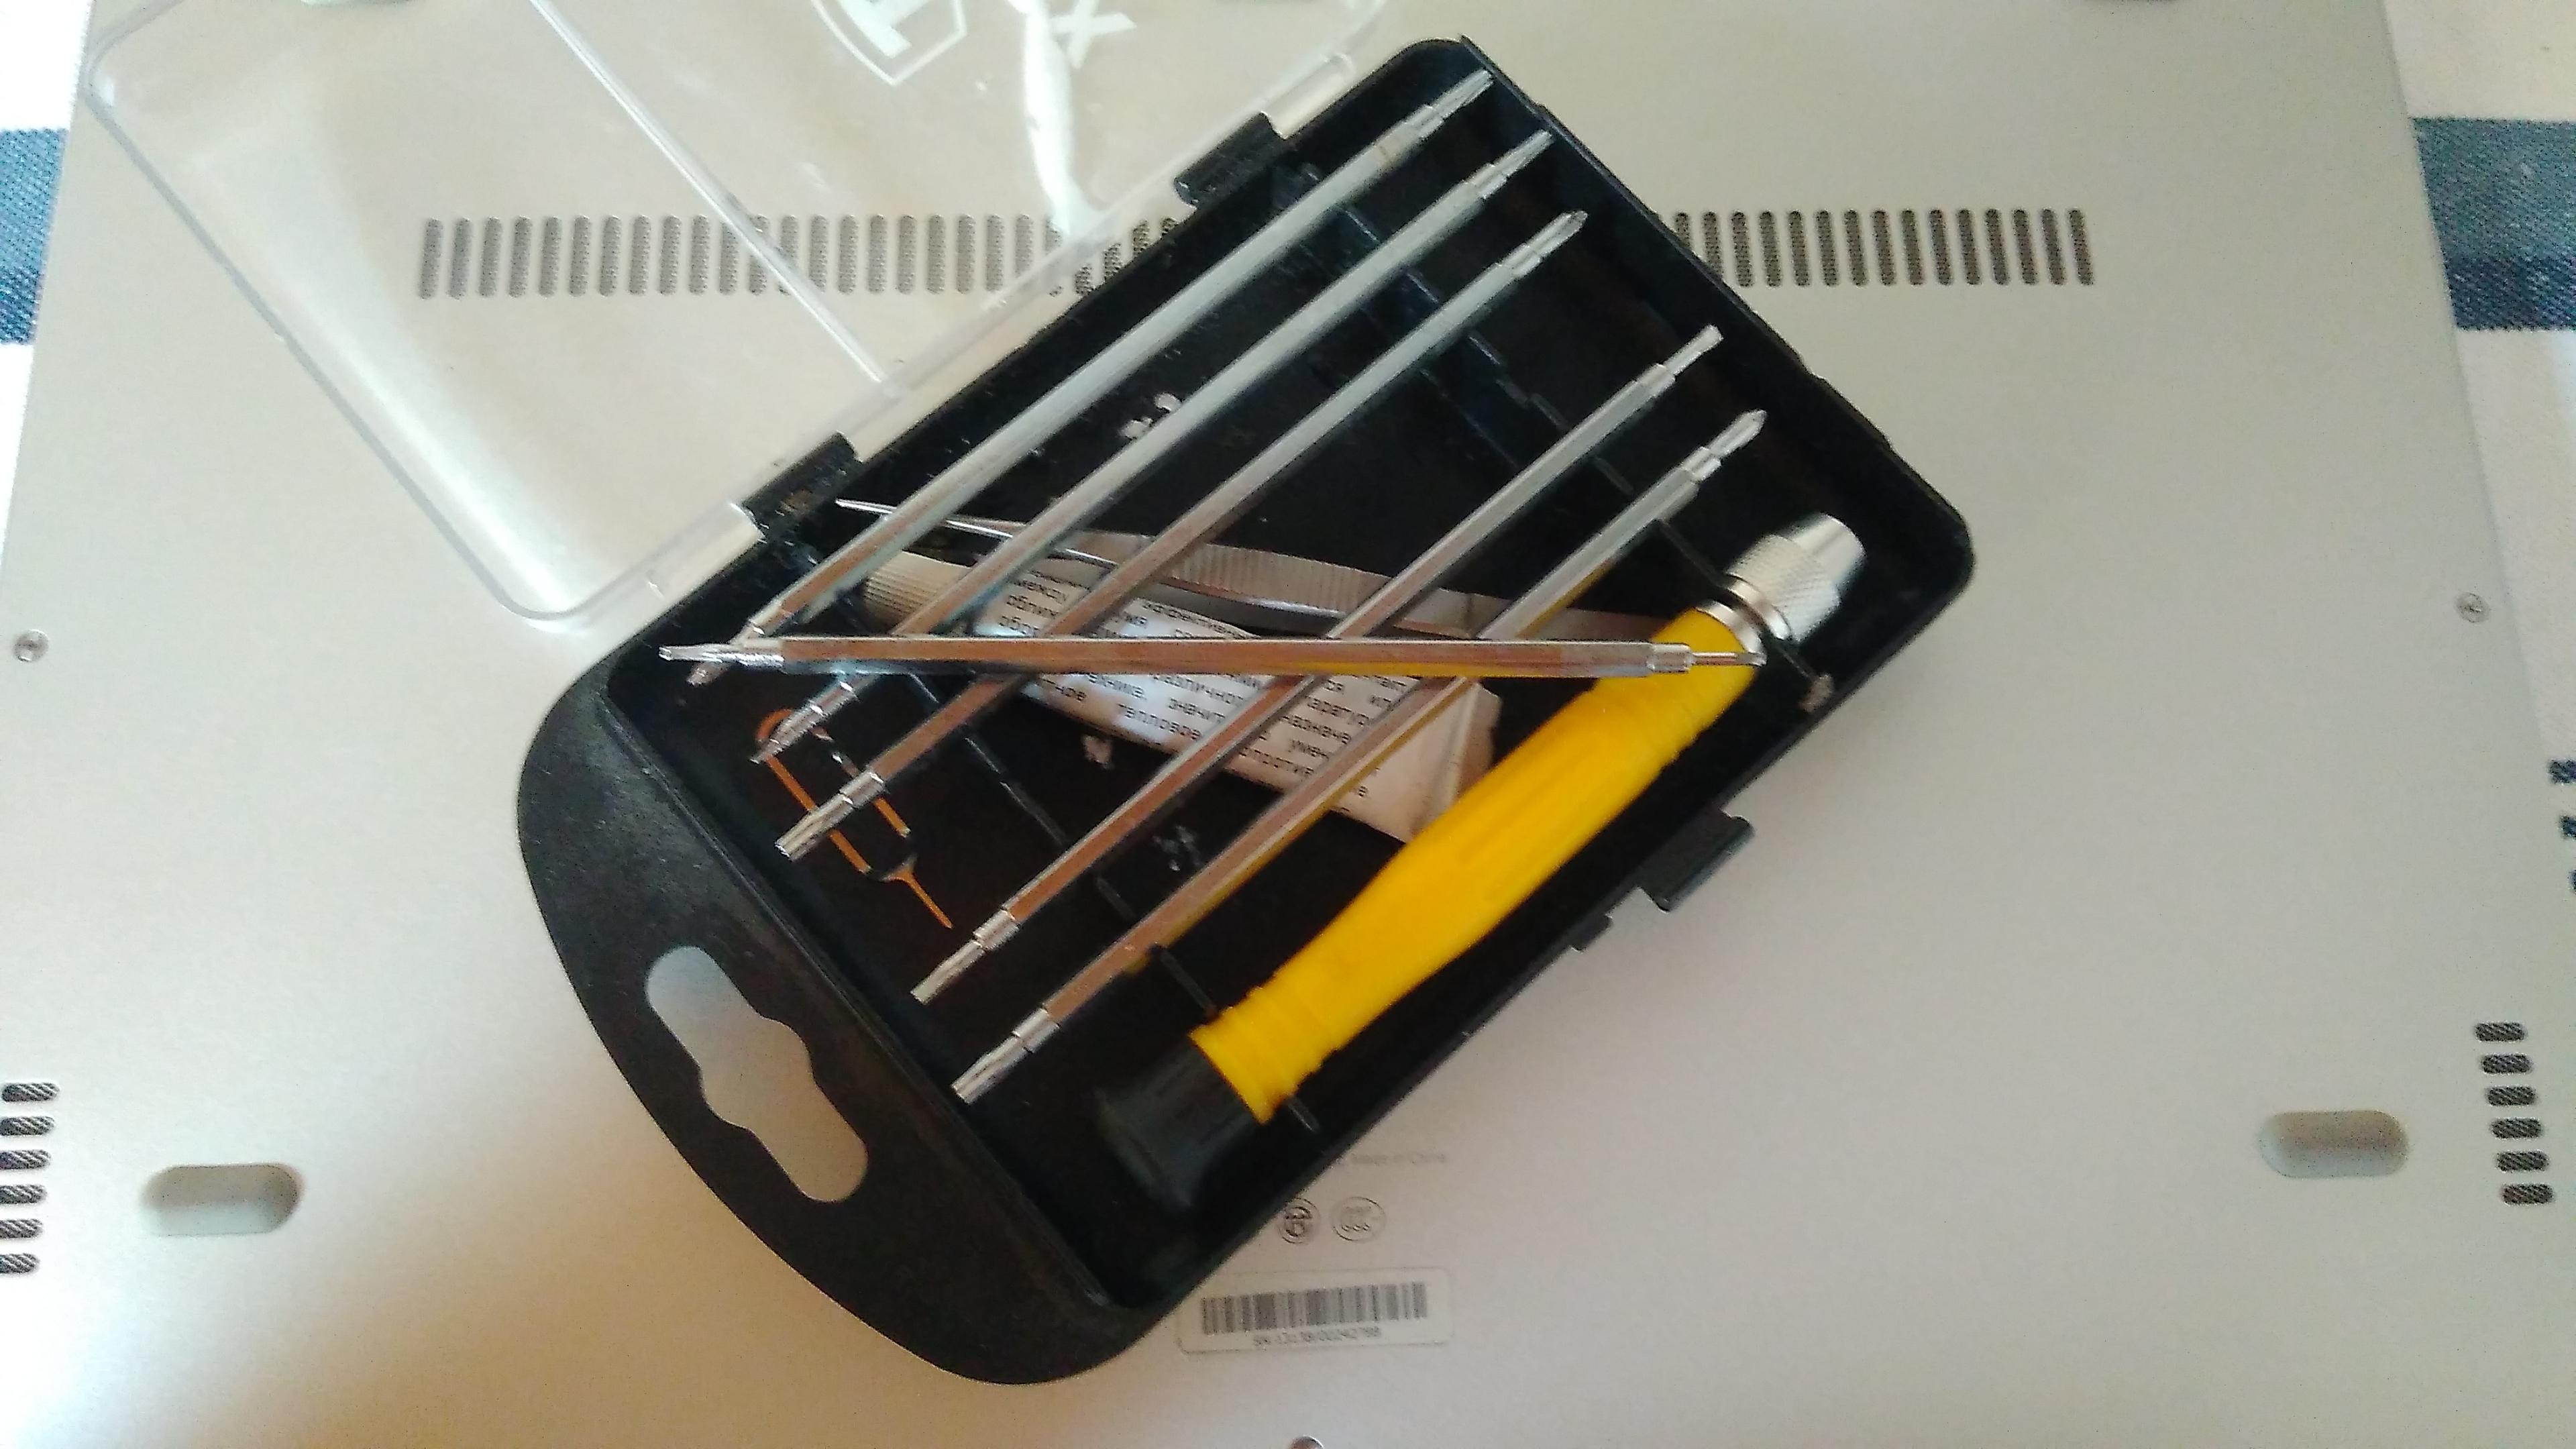 Torx T4 screwdriver